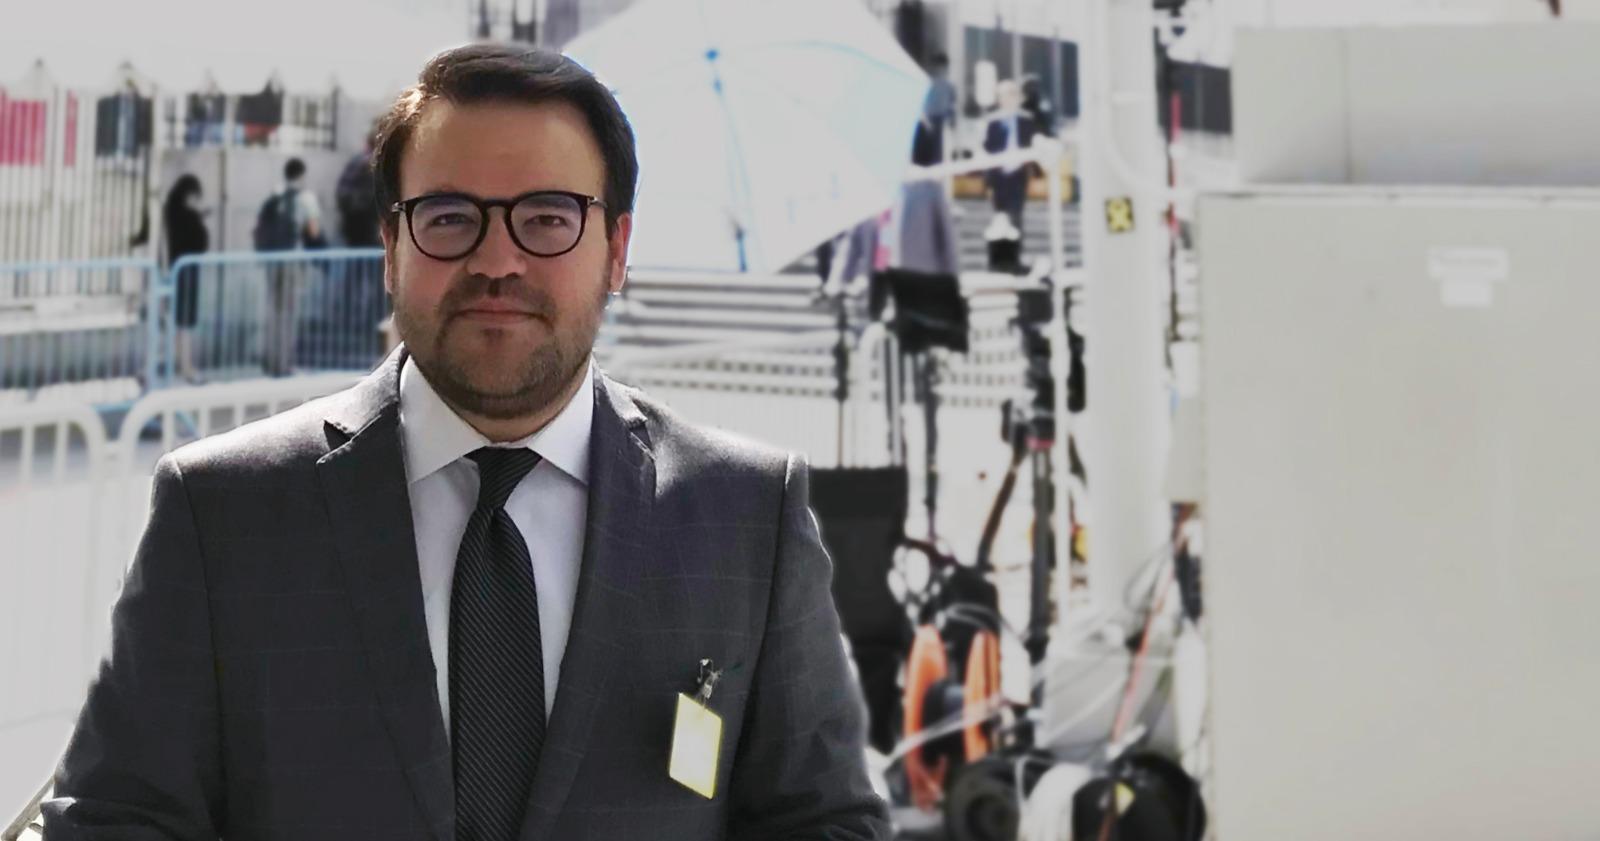 Стефан Јовановић: Власт легализује крађу и обесмишљава утврђивање порекла имовине